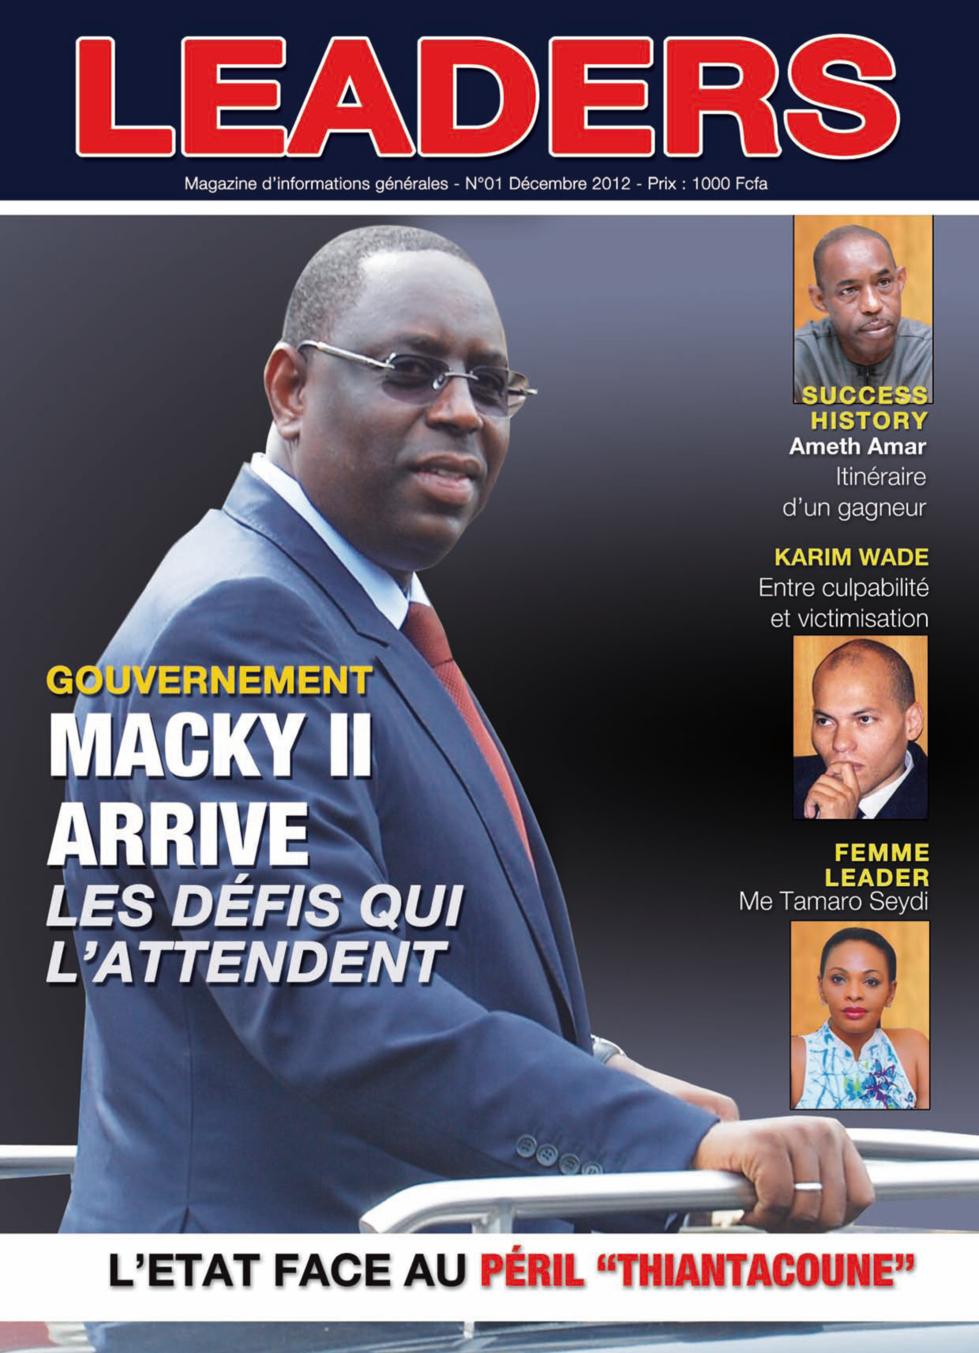 En Exclusivité : La couverture de votre journal Leaders